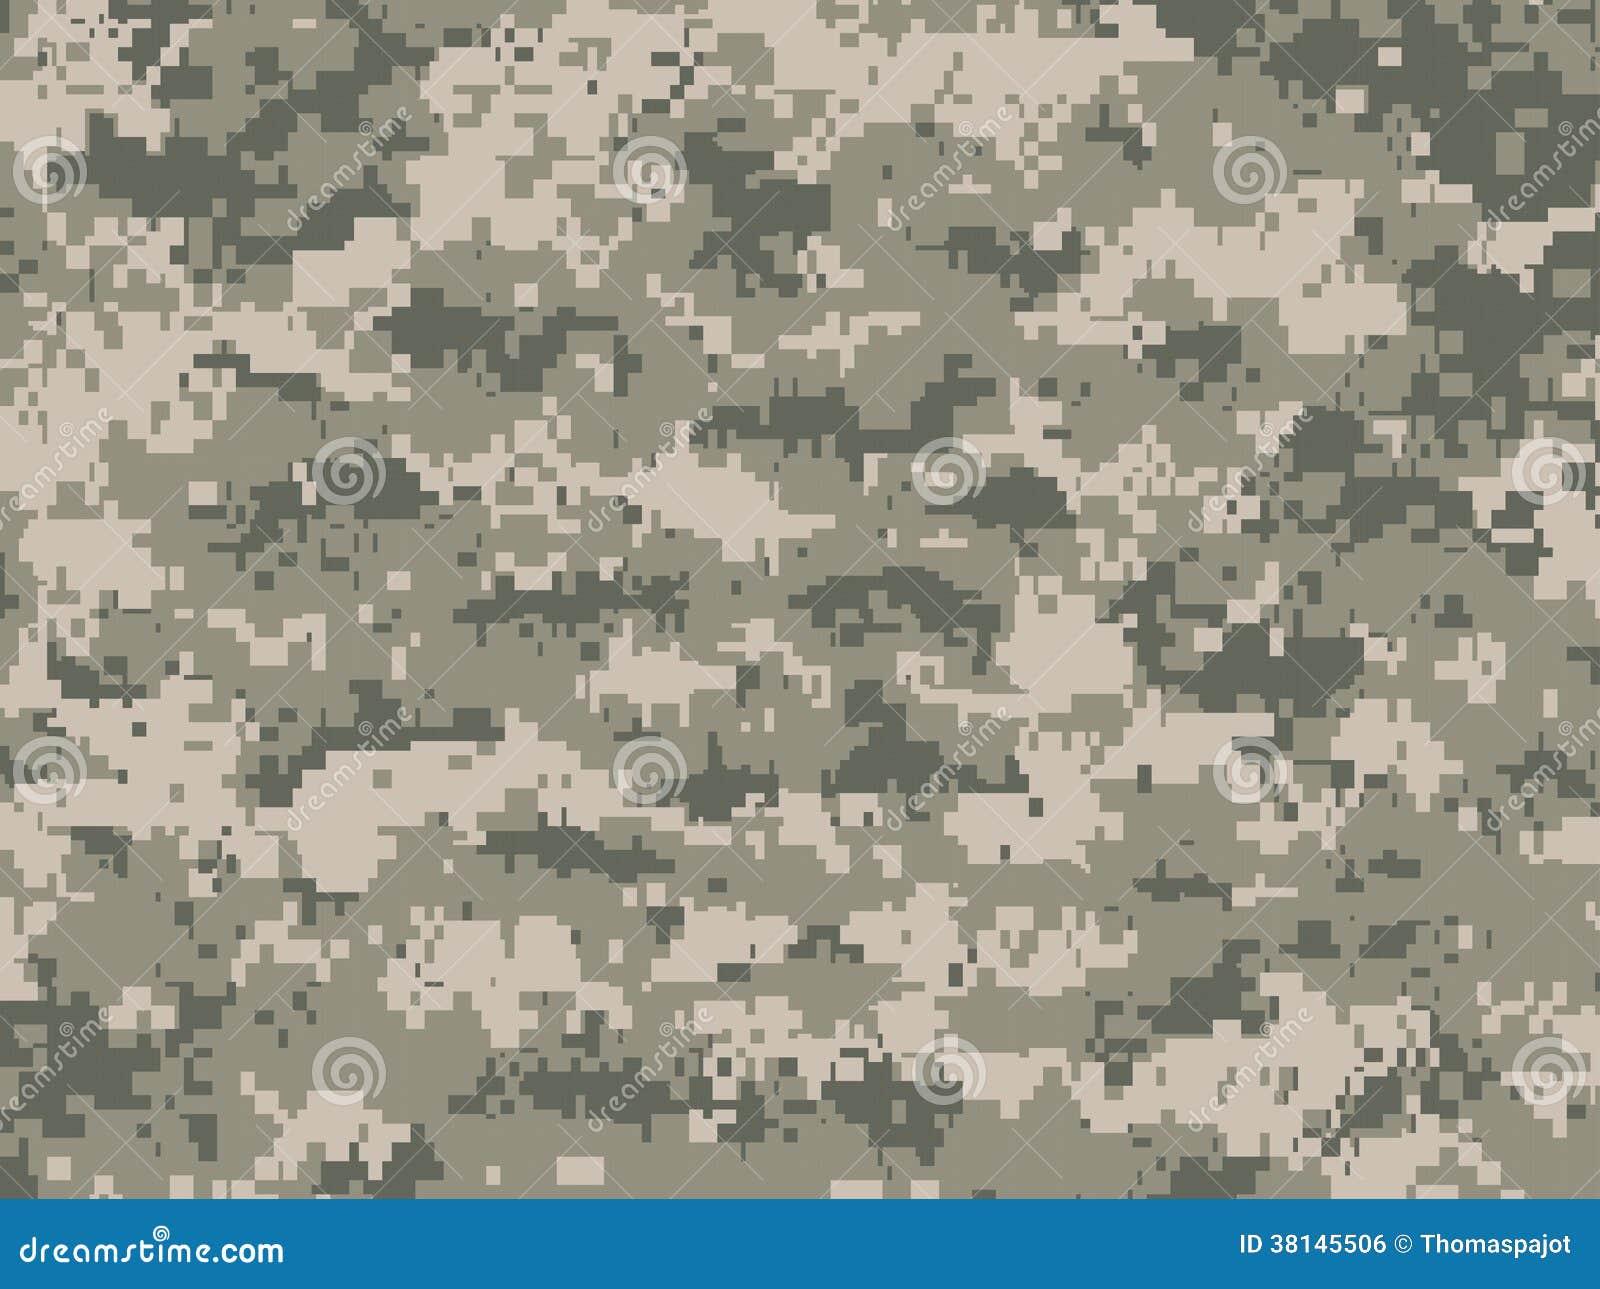 Camouflagepixel